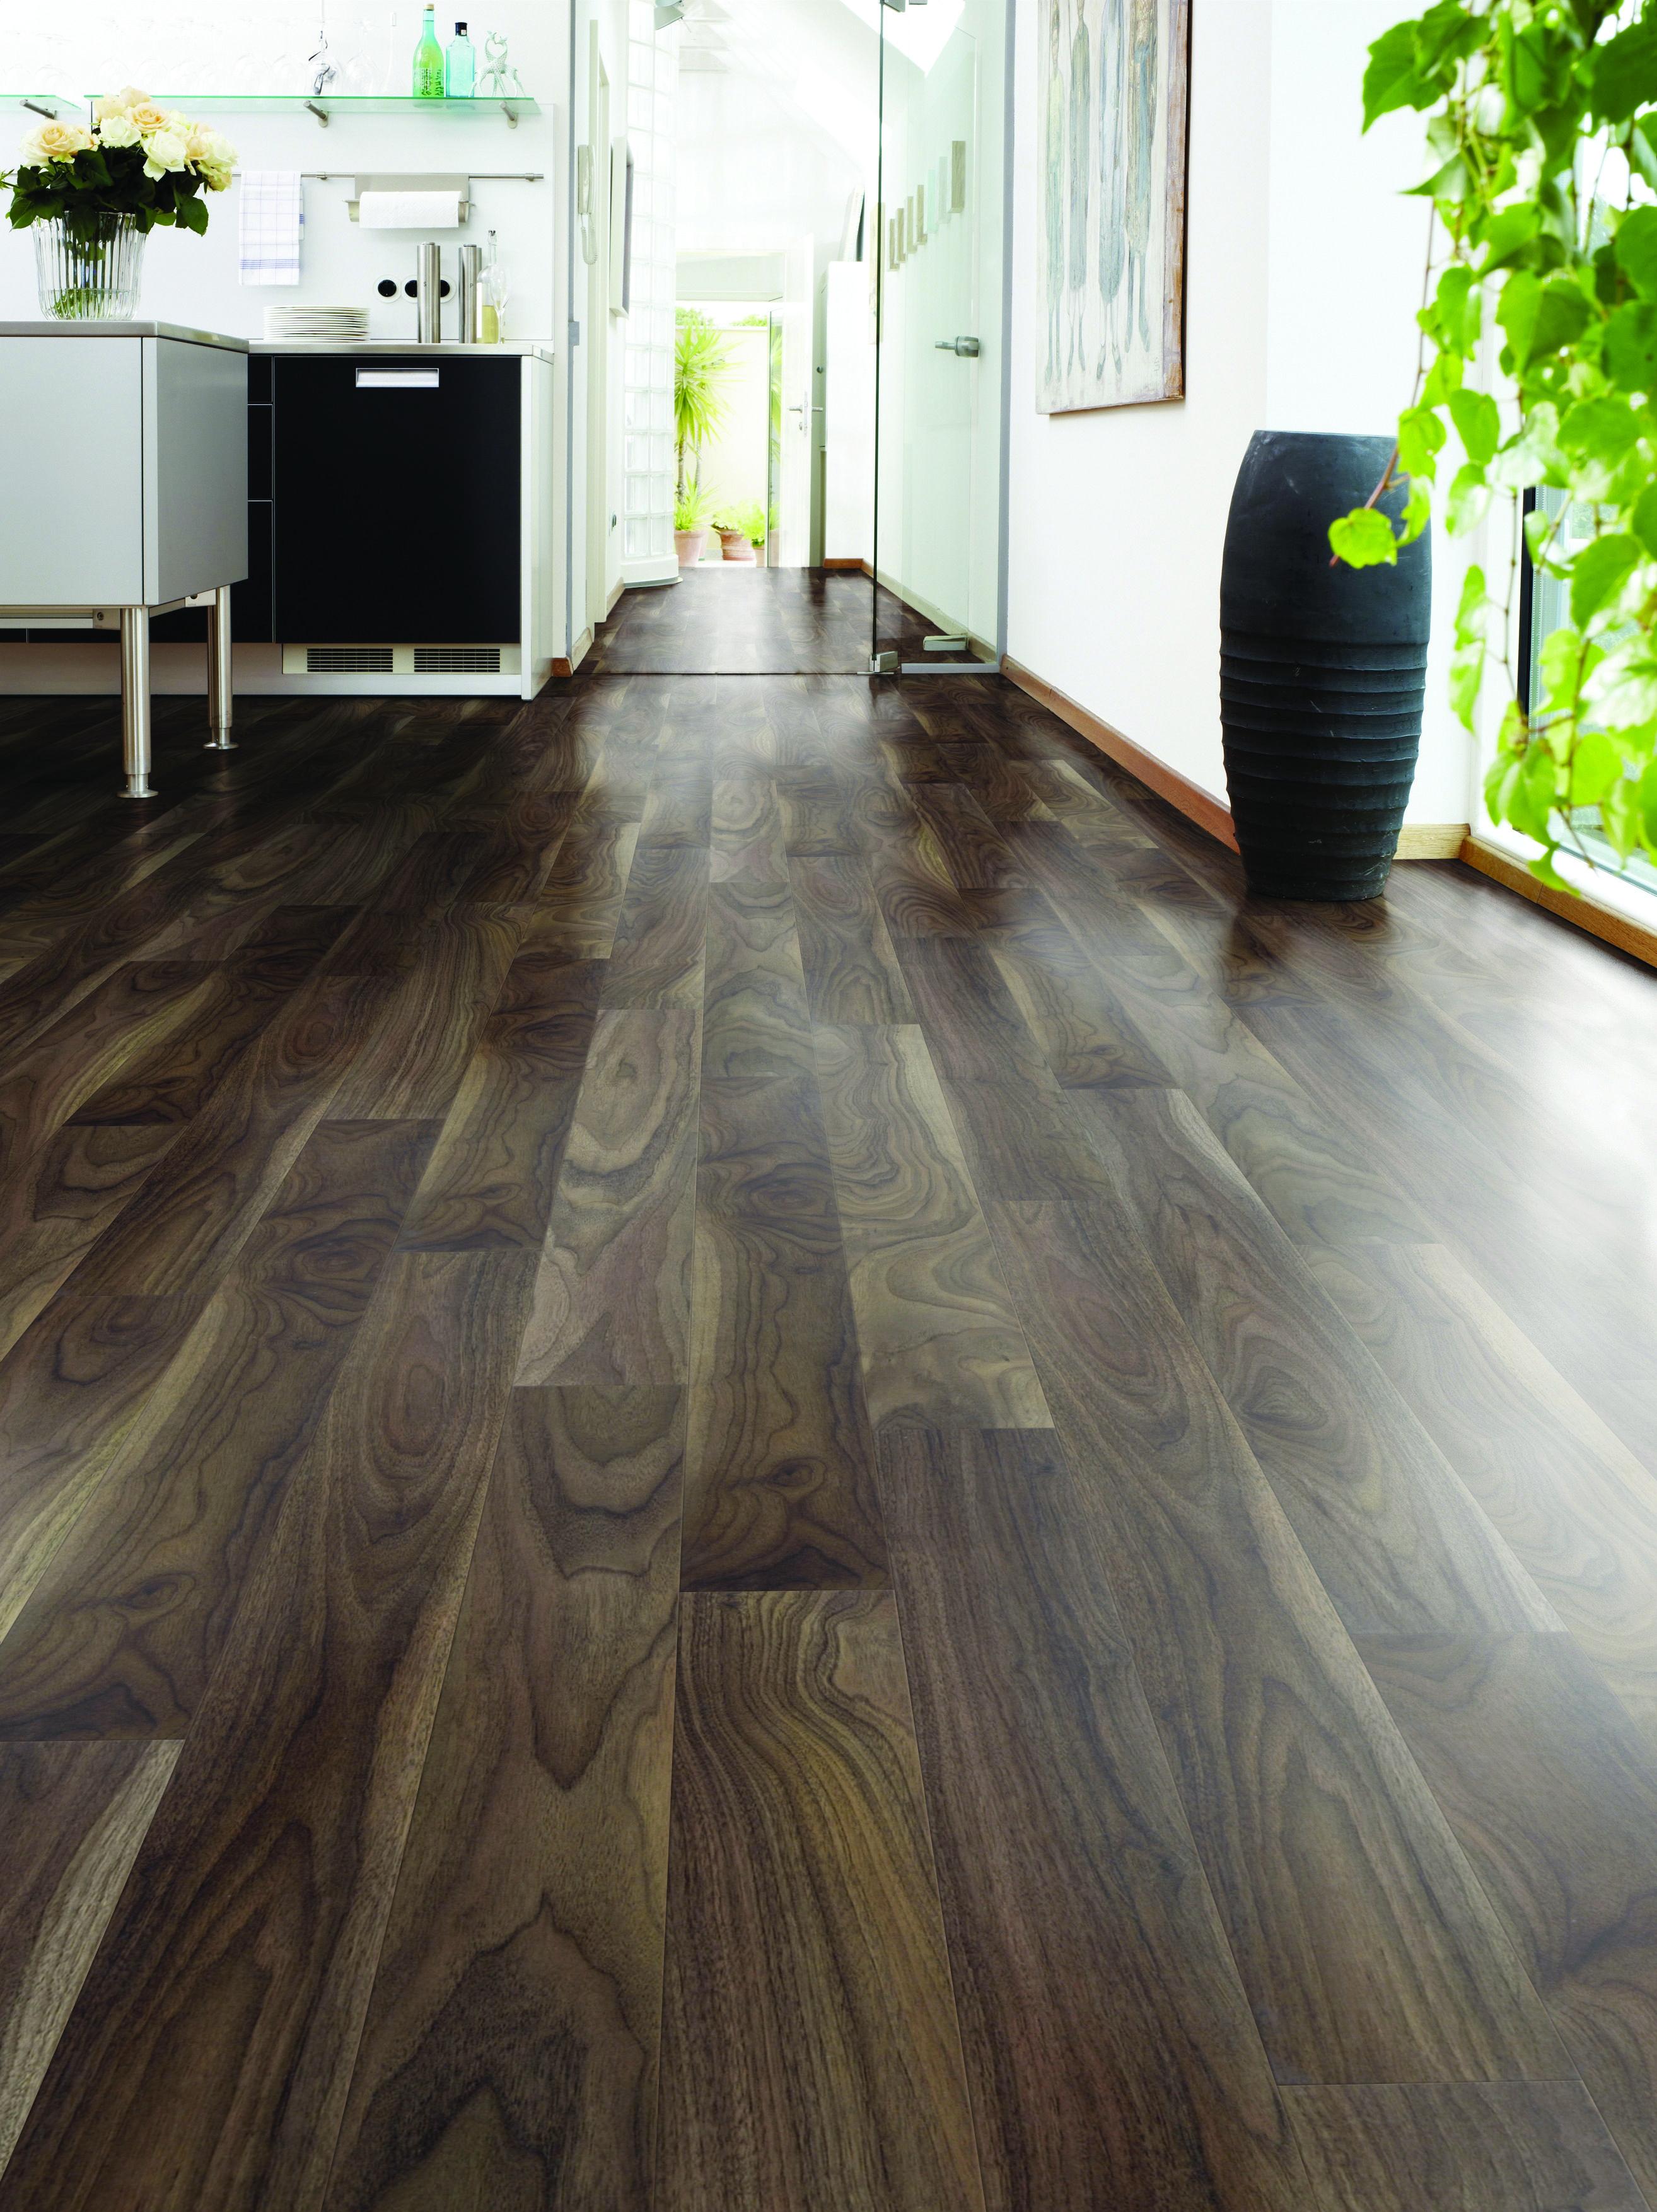 Kraus Flooring Natures View Vinyl Wood Flooring Wood Laminate Flooring Rustic Flooring